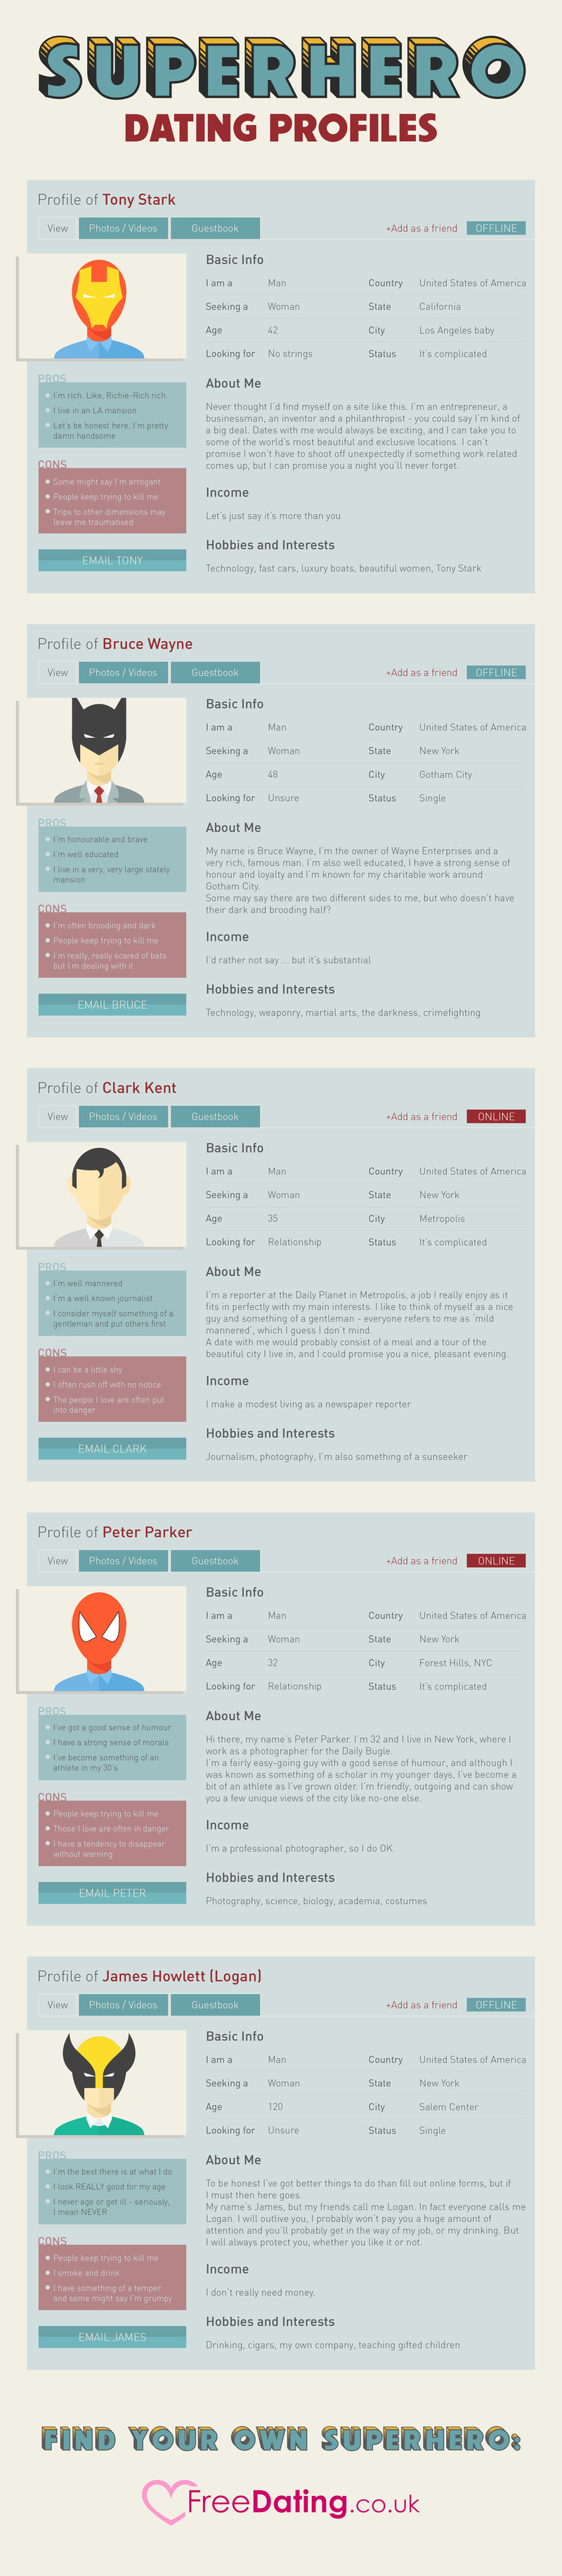 Superhero Dating Profiles